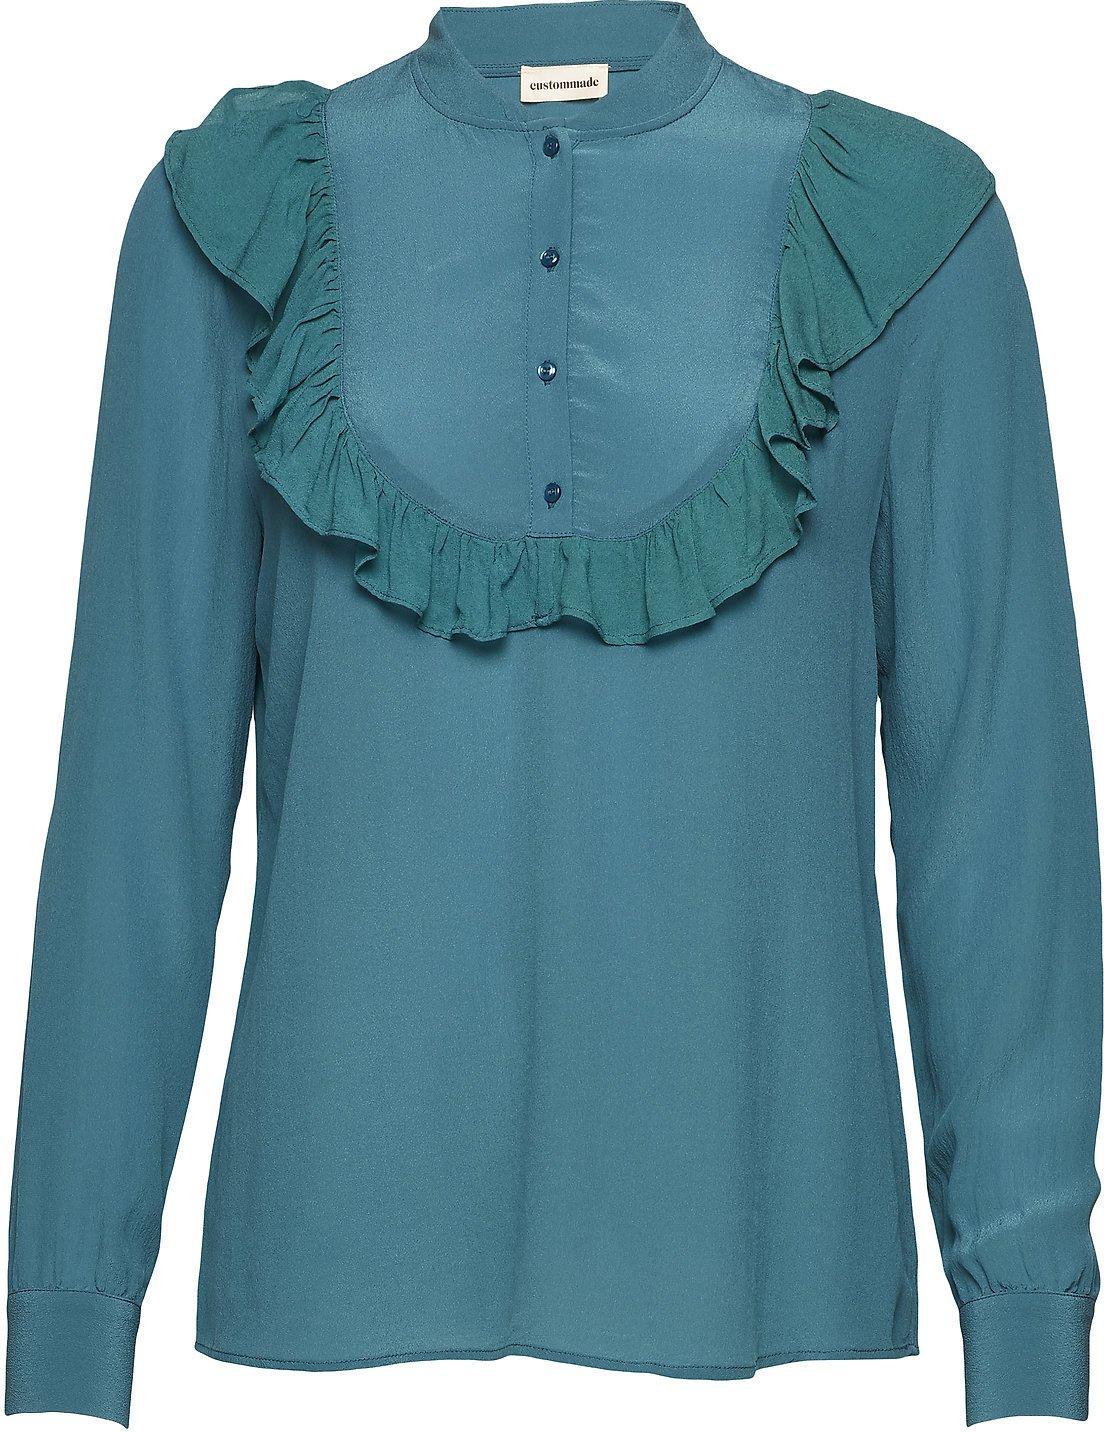 Salg Custommade Bluser til dame på tilbud | FASHIOLA